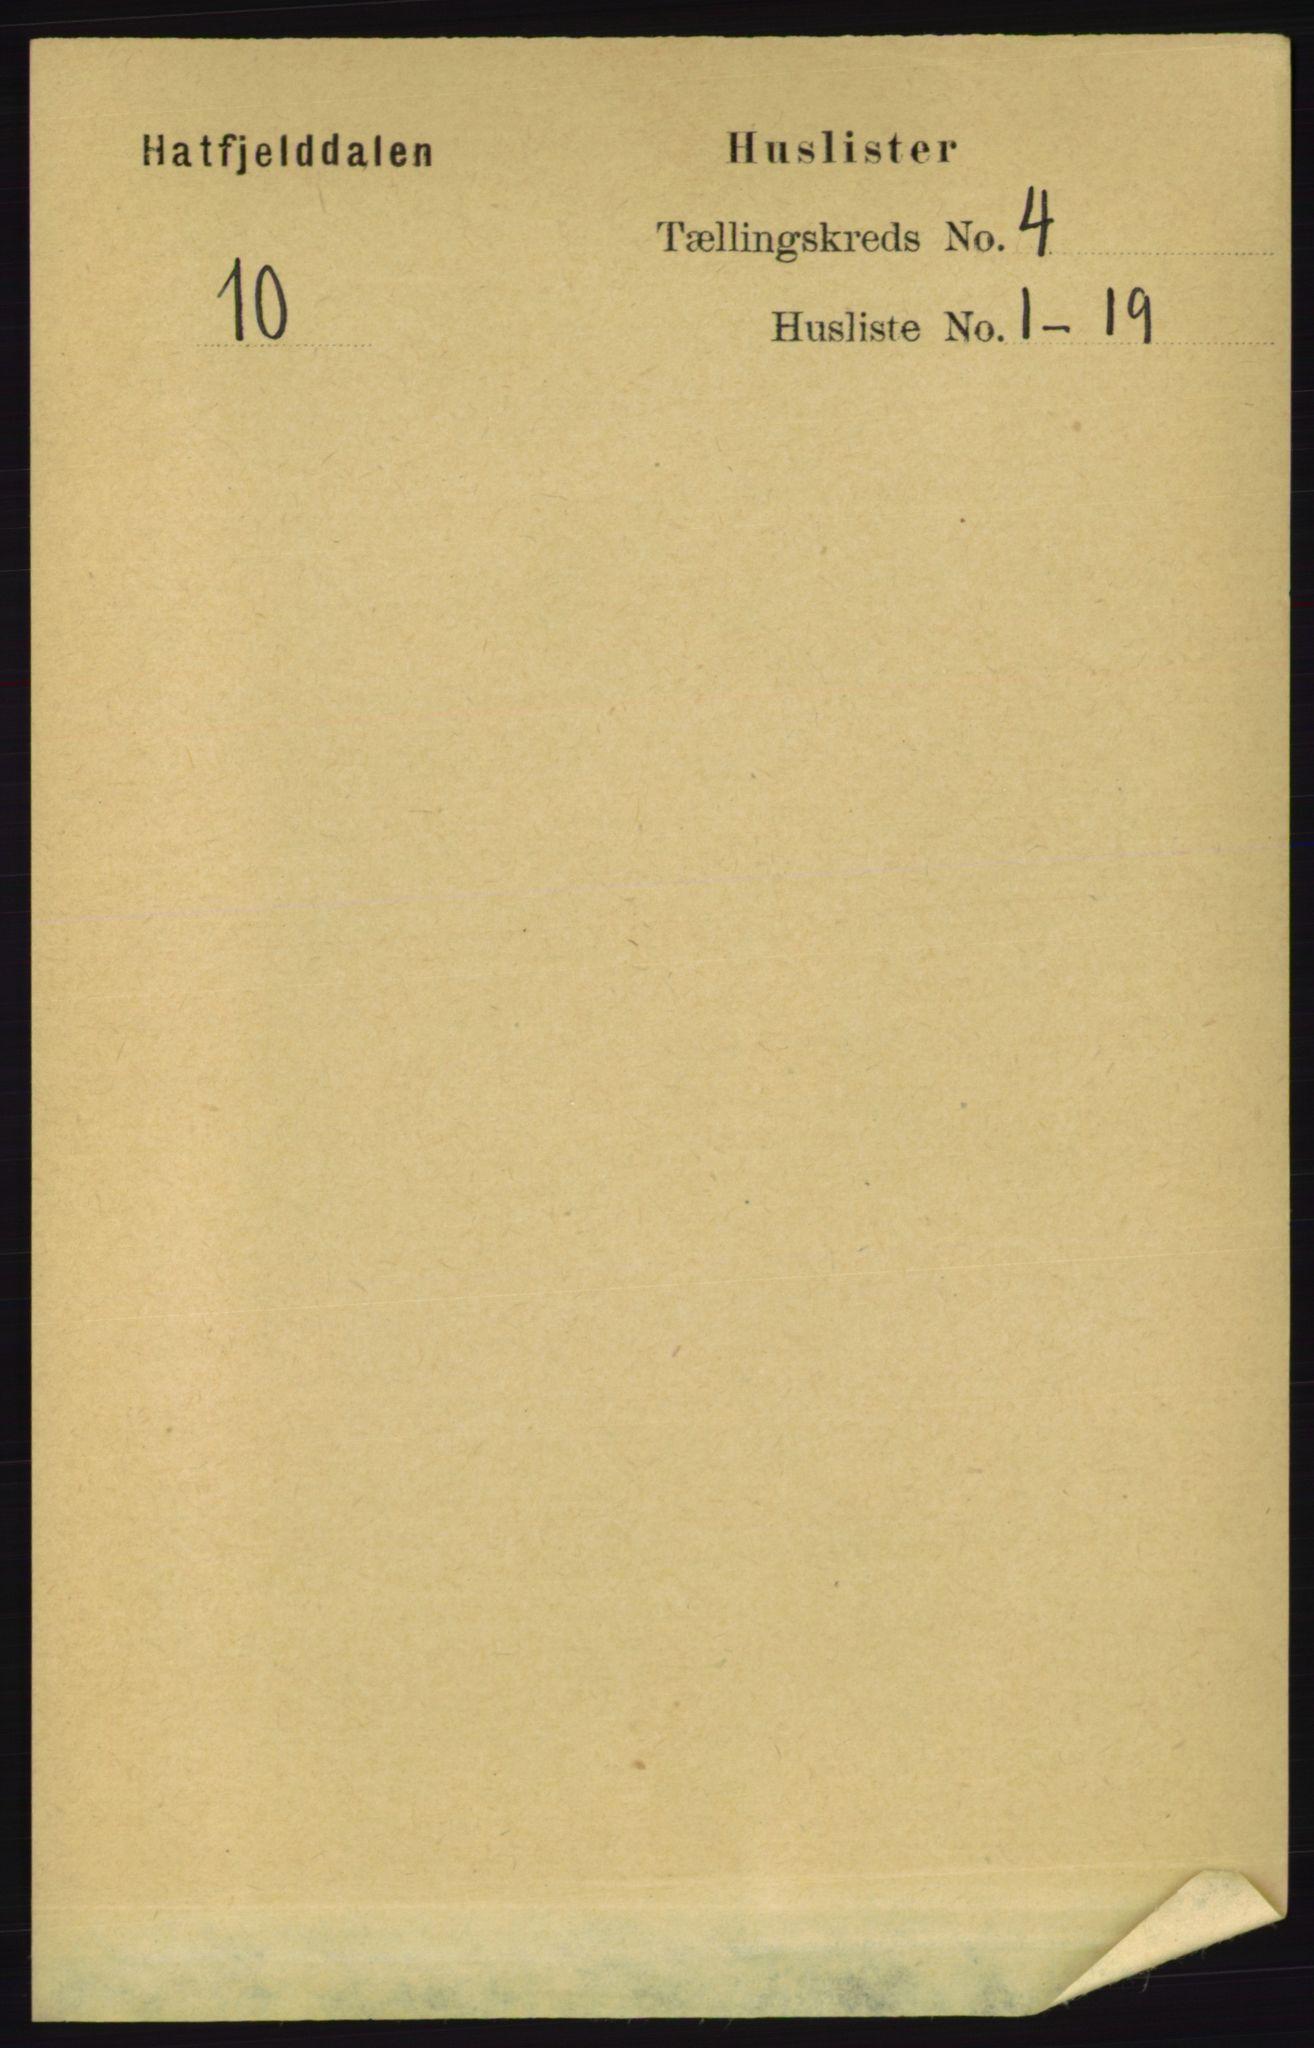 RA, Folketelling 1891 for 1826 Hattfjelldal herred, 1891, s. 896